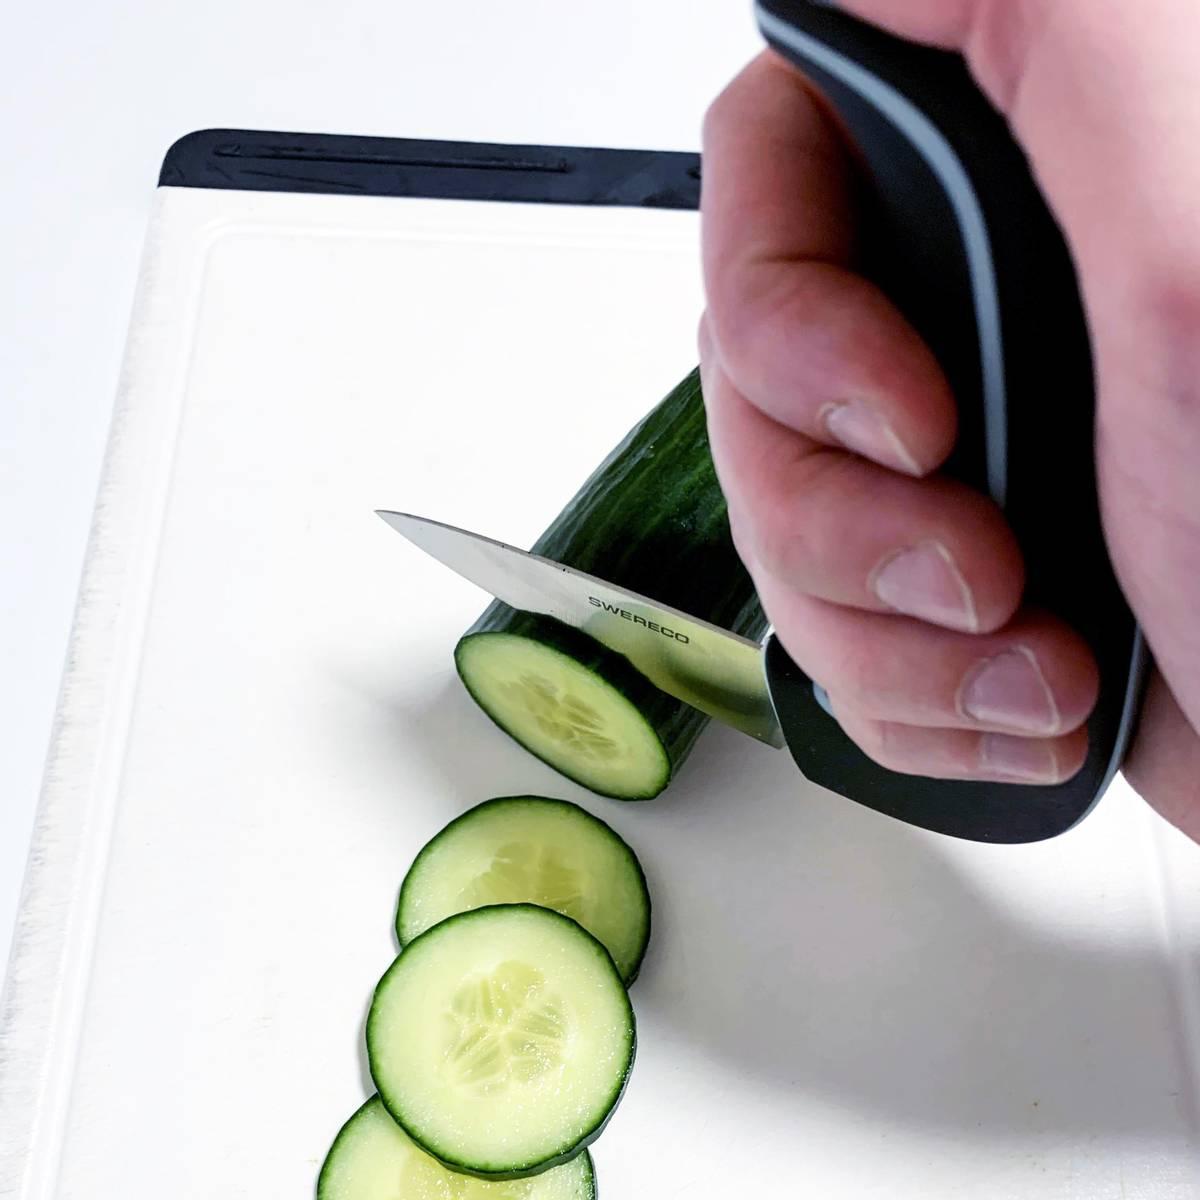 Frukt- og skrellekniv